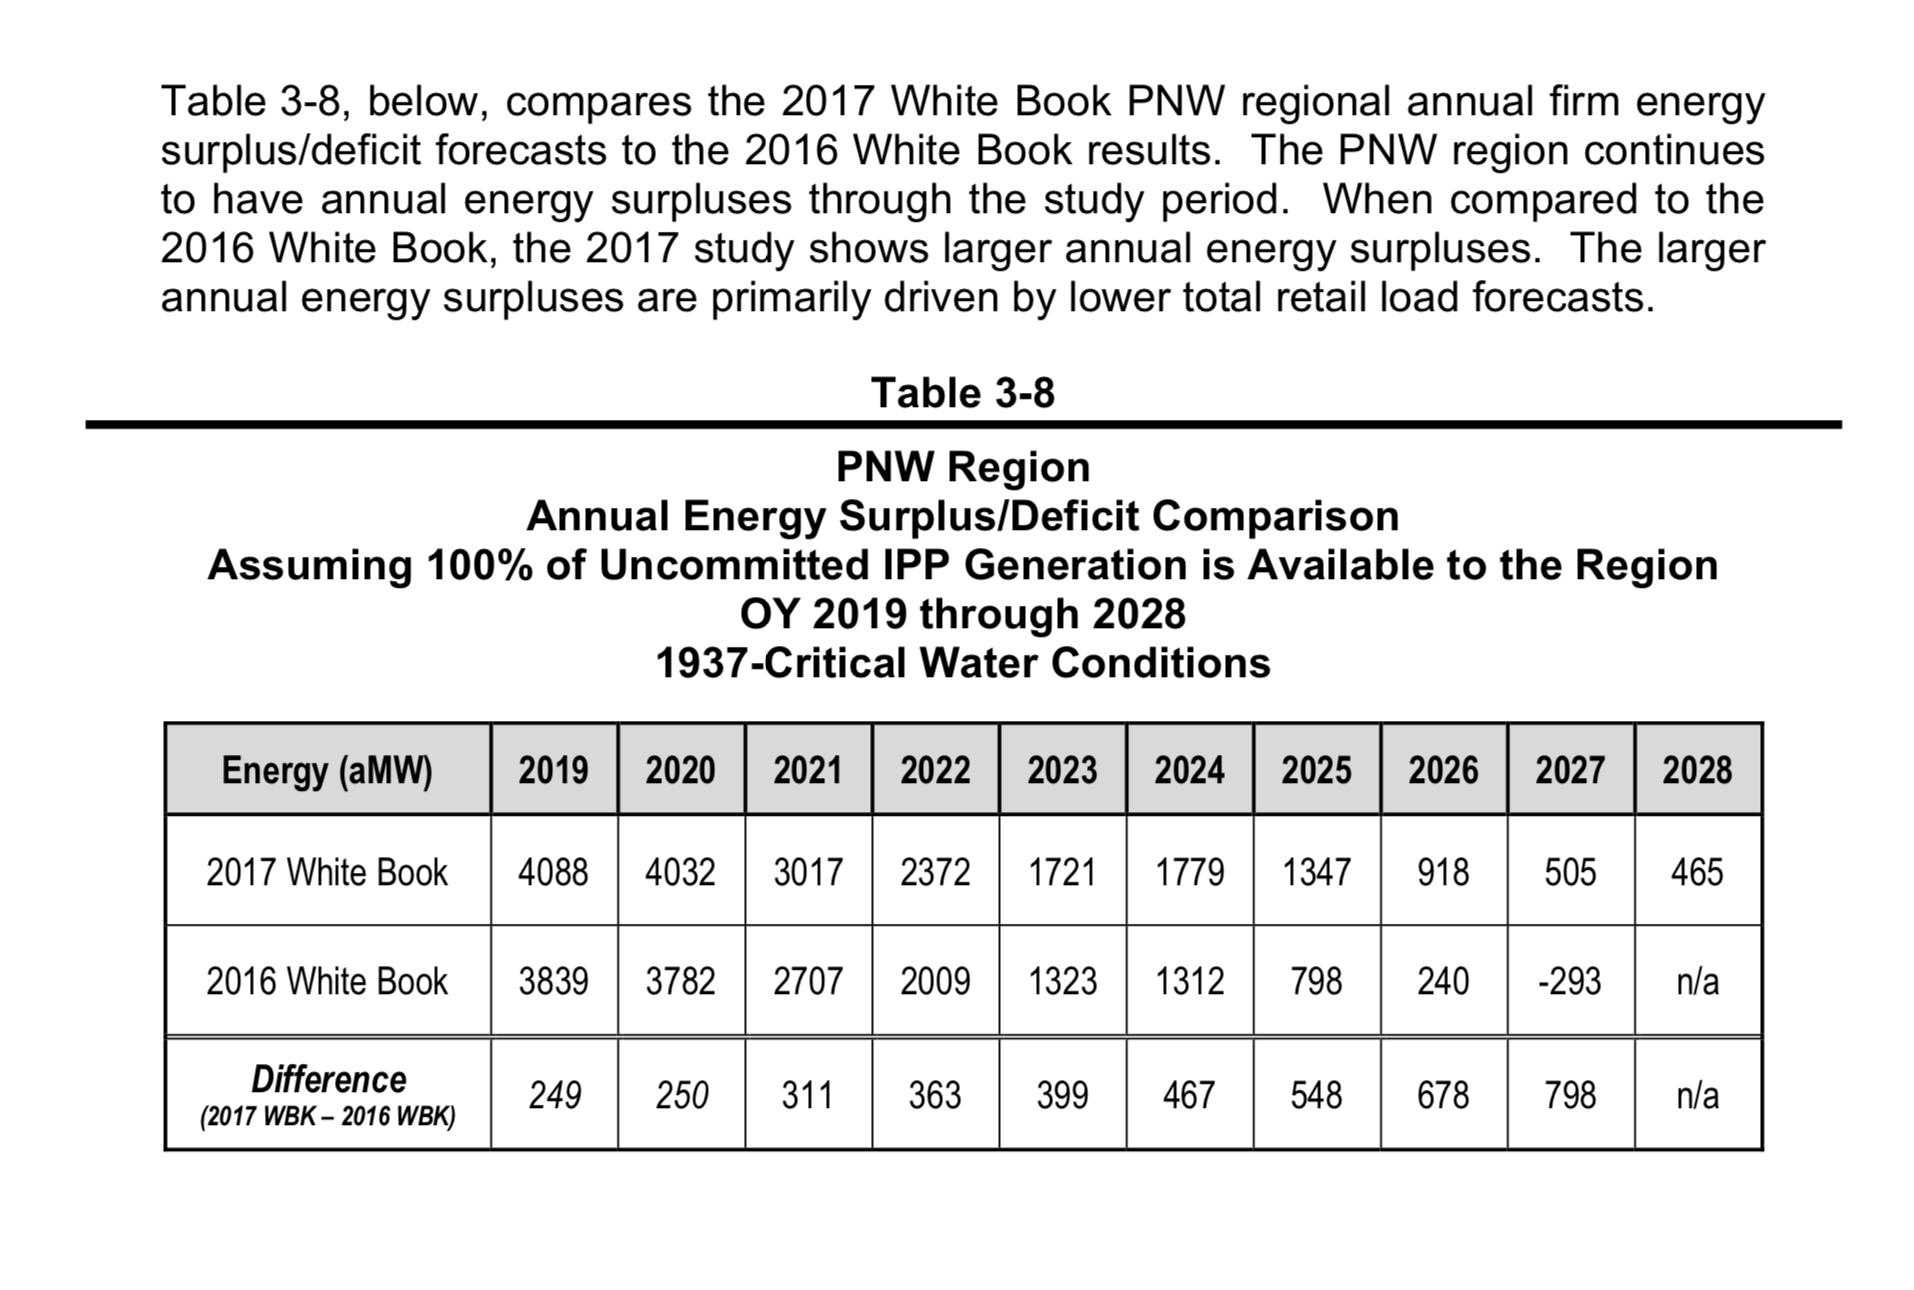 BPA_2017_WB_Forecast